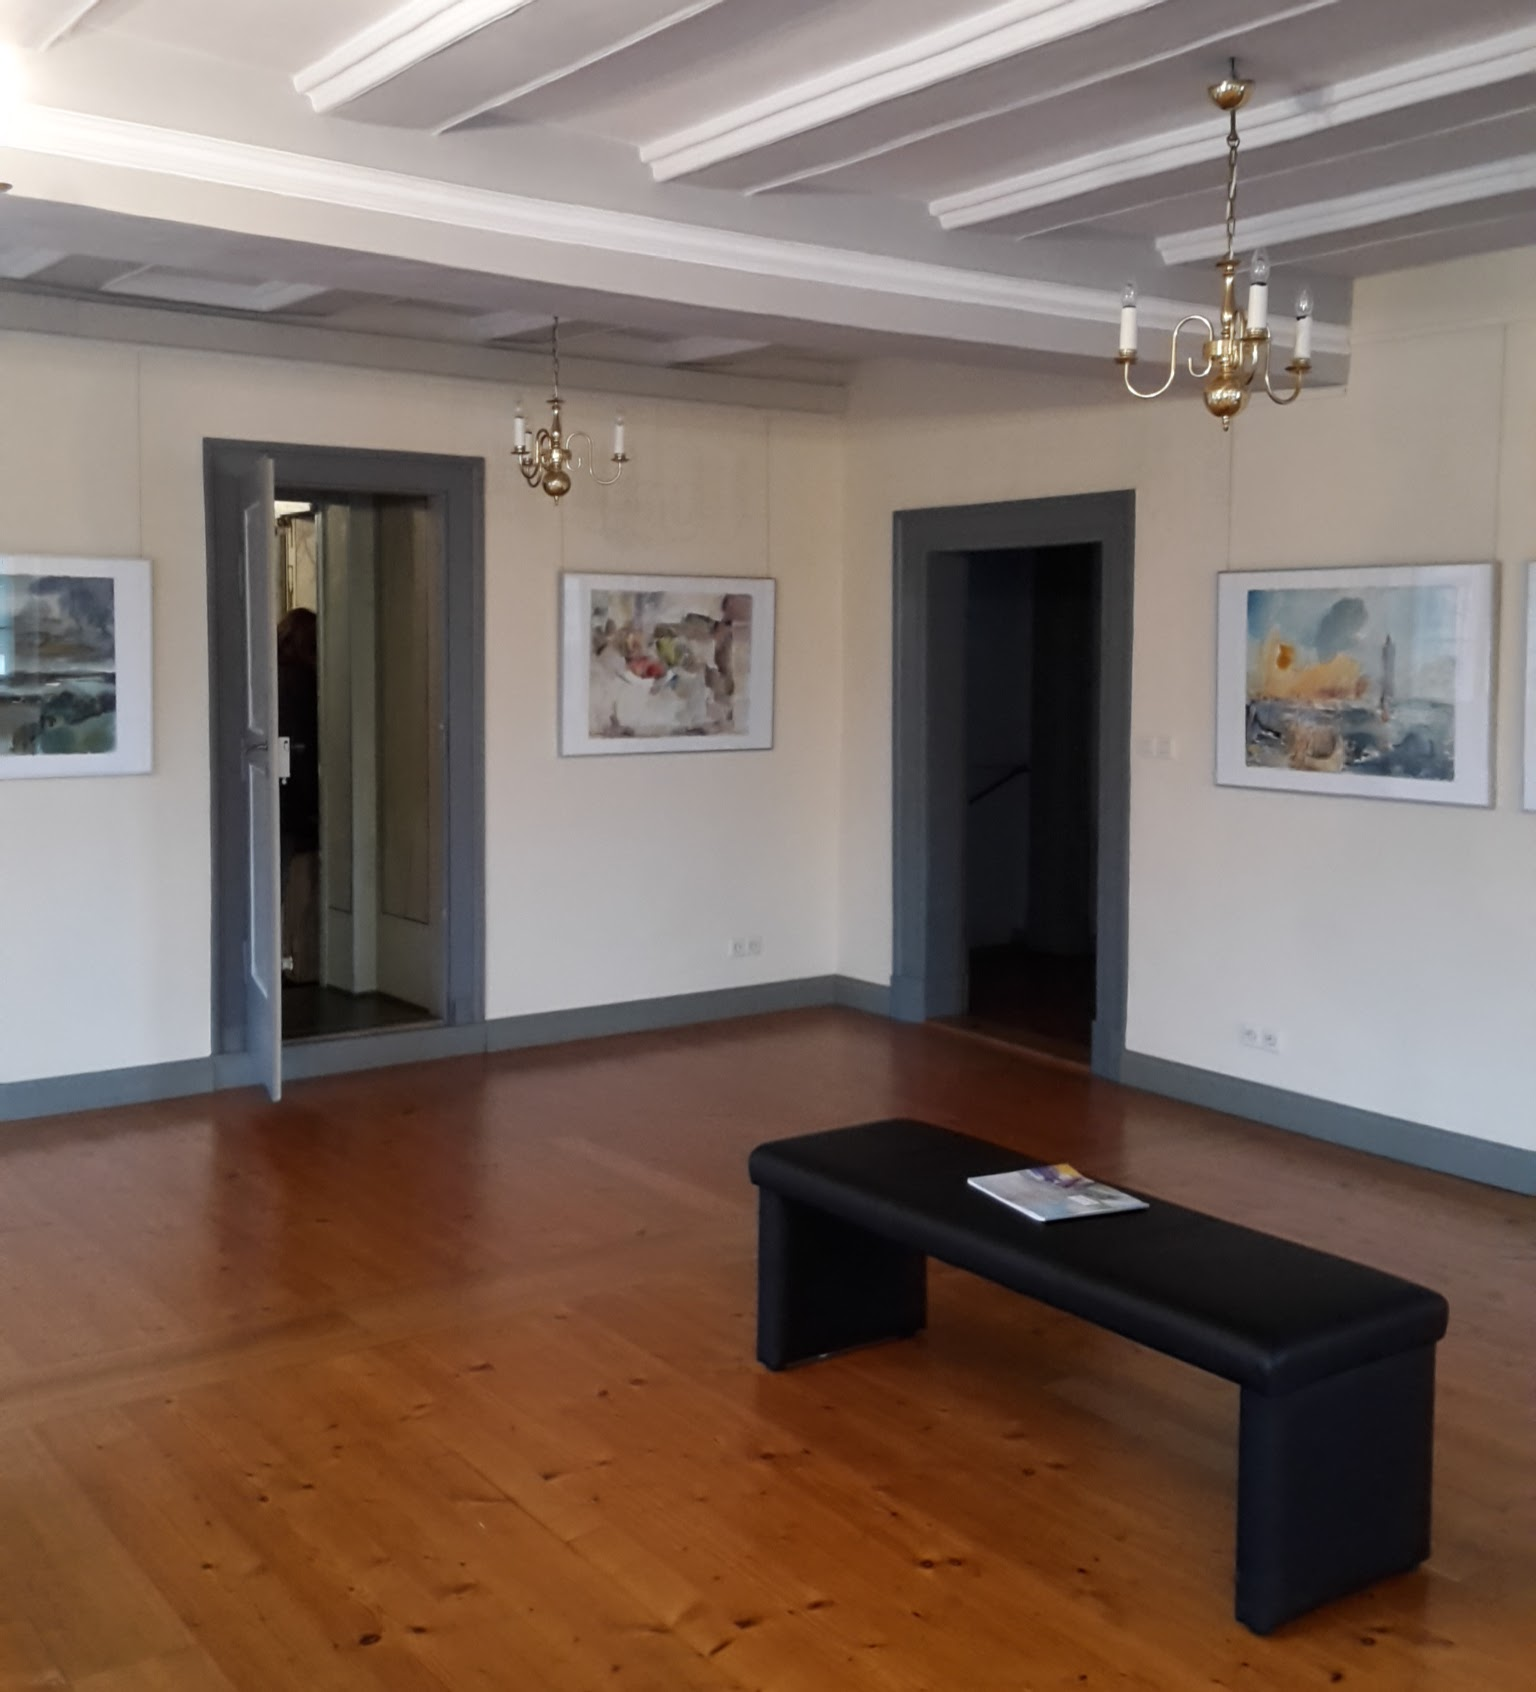 2017.11.07_10 Park und Schloss MOLSDORF Ausstellung